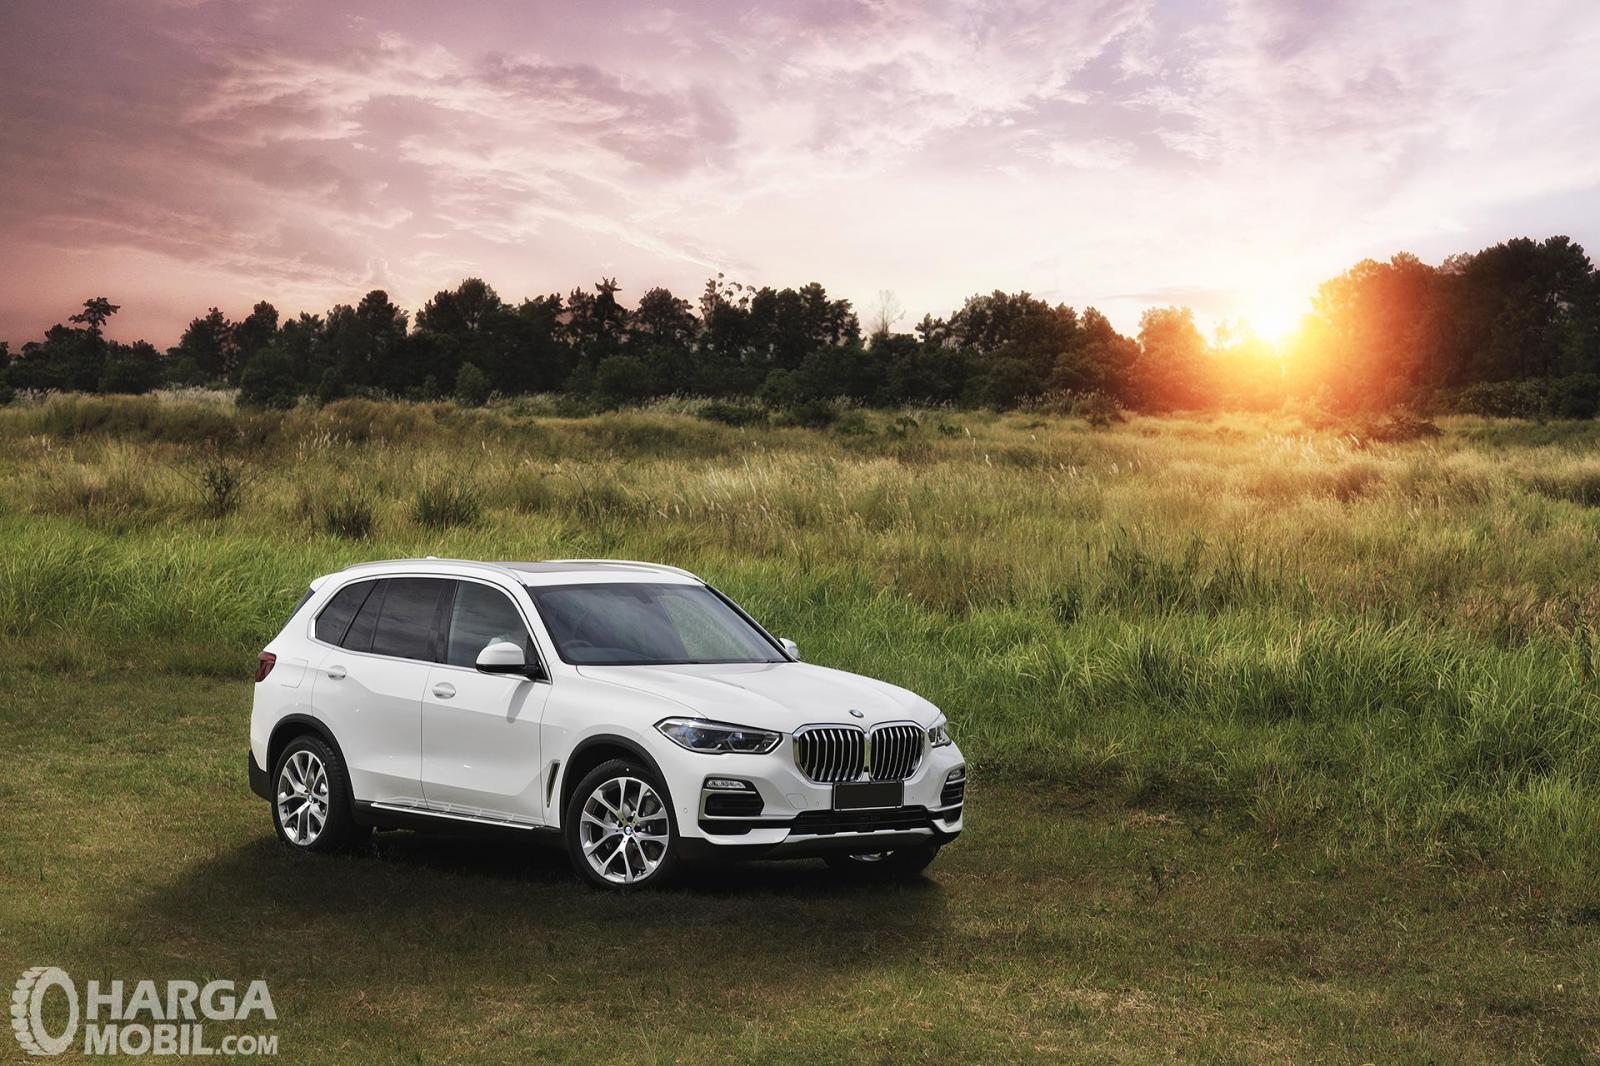 foto eksterior All-New BMW X5 berwarna putih di area hutan